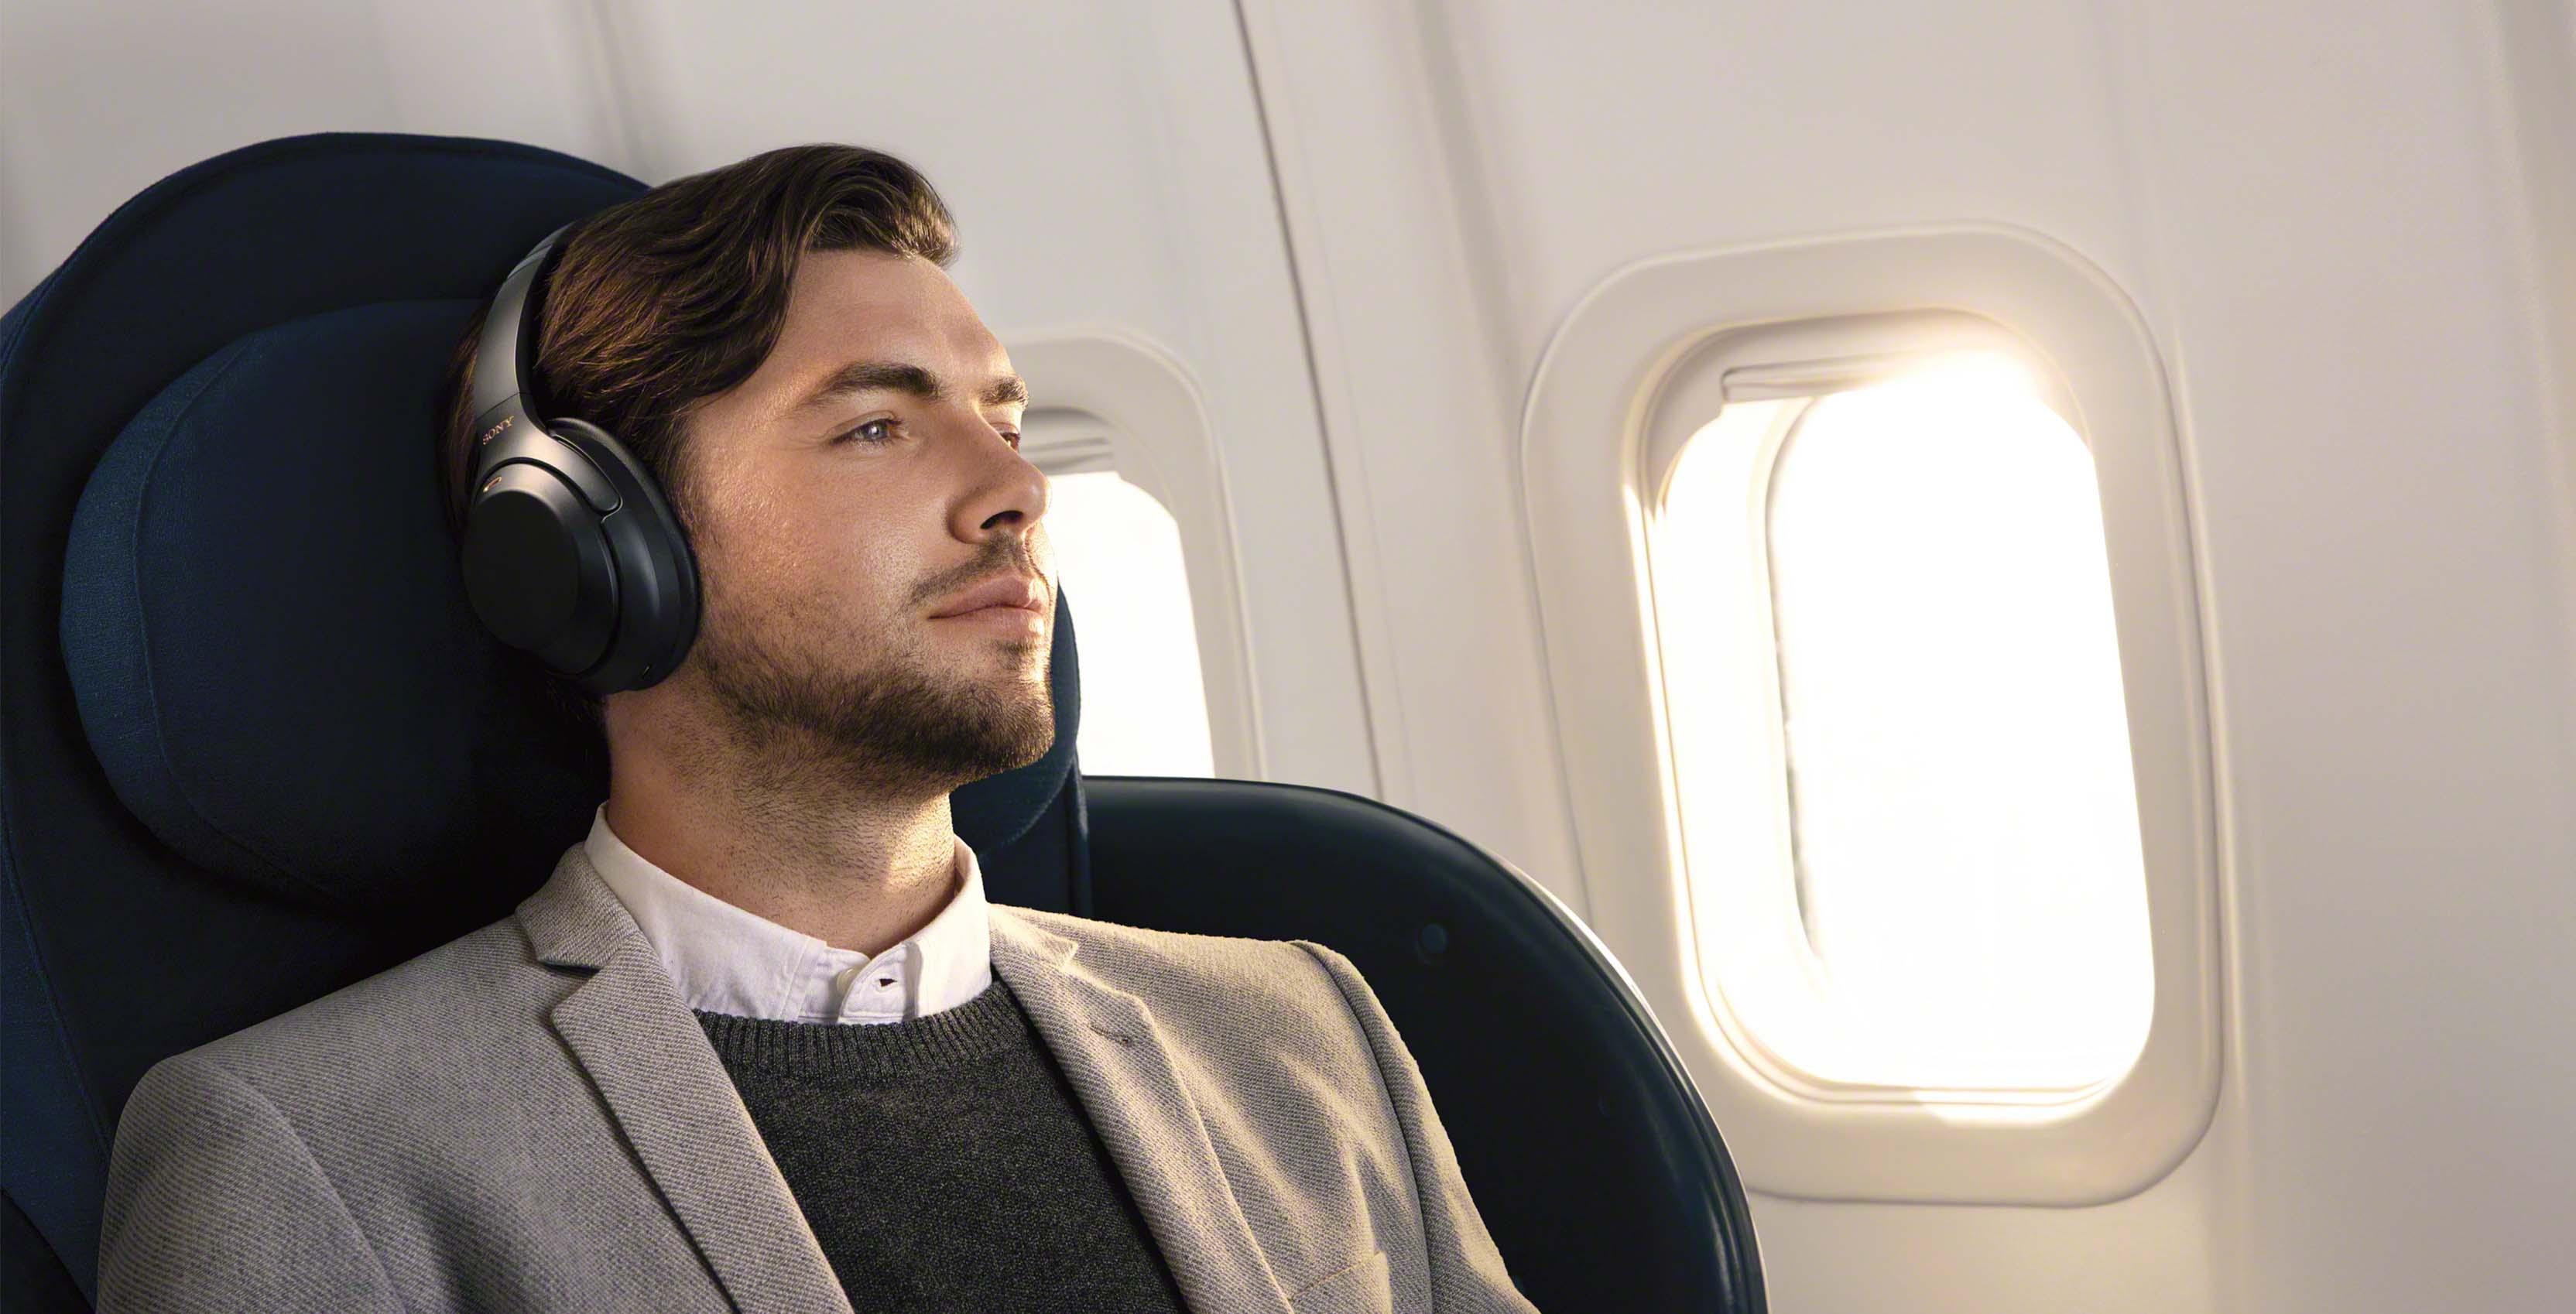 Sony WH-1000MX3 headphones